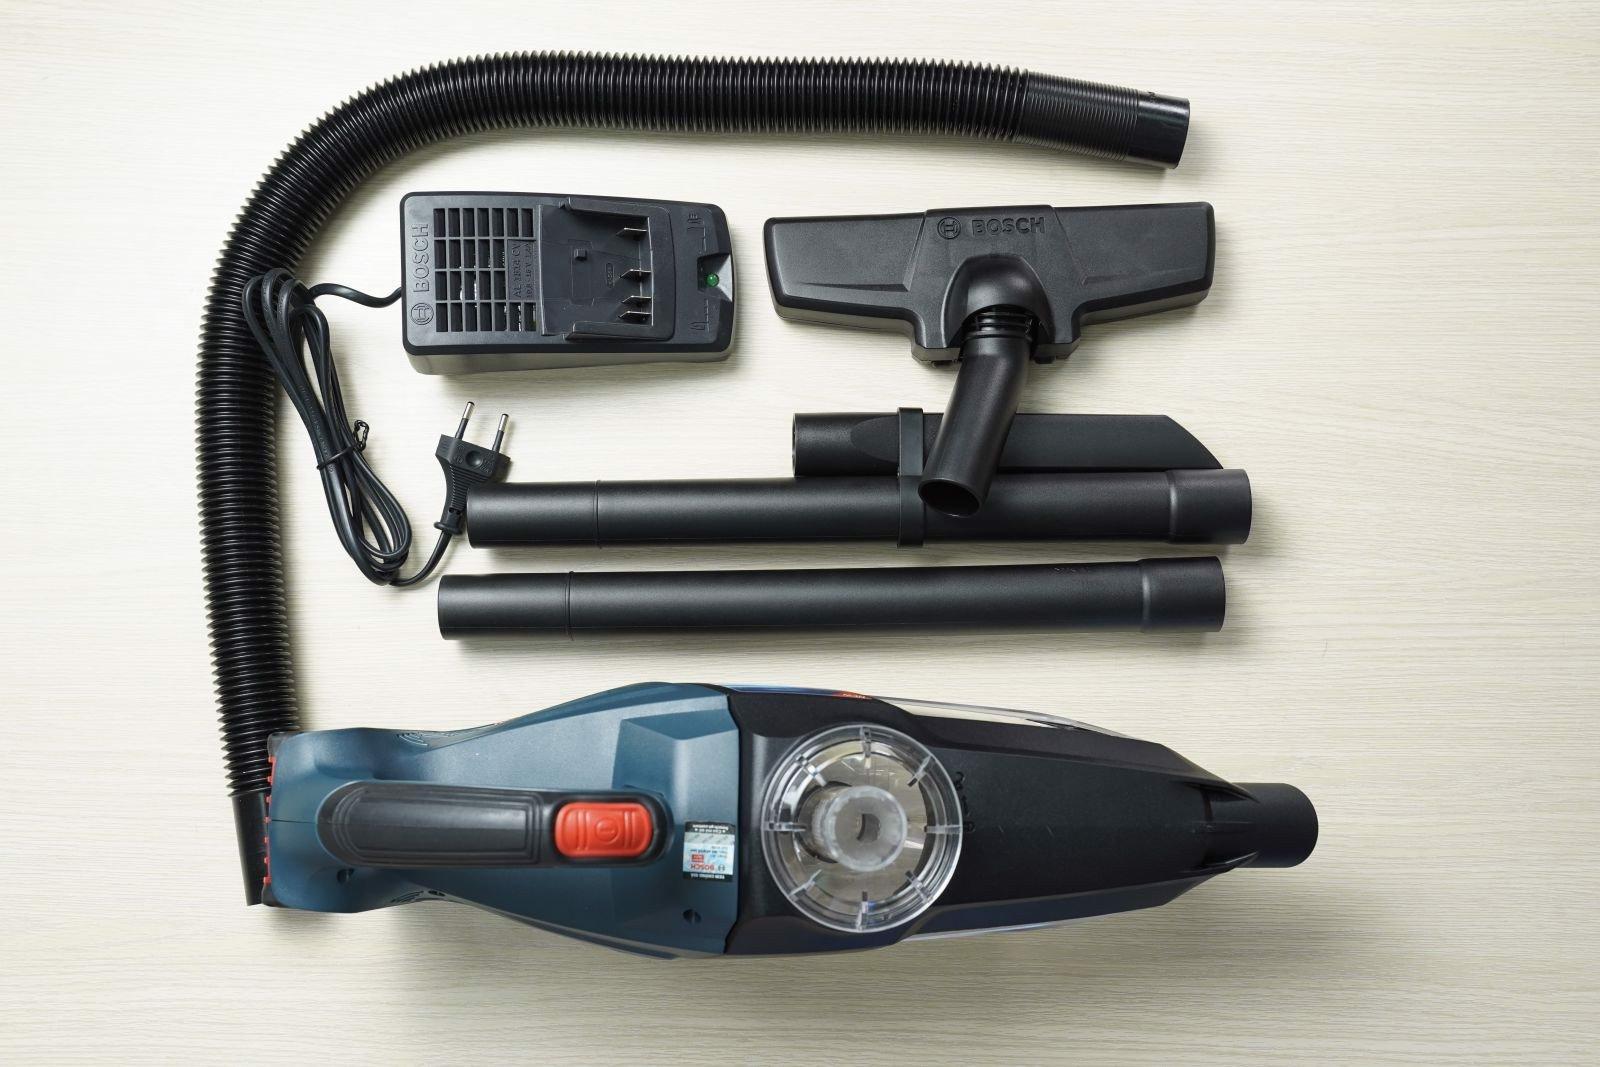 6 loại máy hút bụi cầm tay mini nhỏ gọn, dễ dàng dọn dẹp mọi ngóc ngách, nhà nào cũng nên sắm một cái - Ảnh 6.